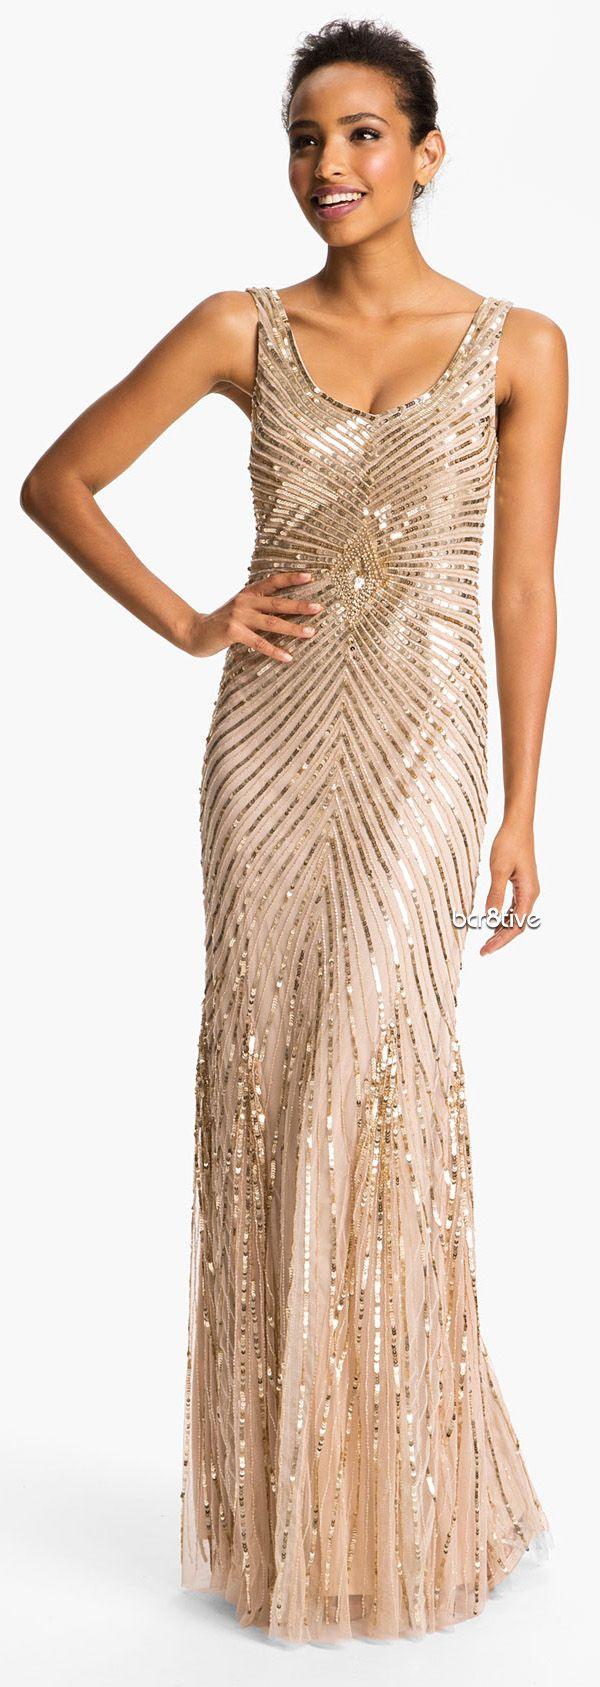 Shop Evening Wear | Gowns online, Aidan mattox and Sequins